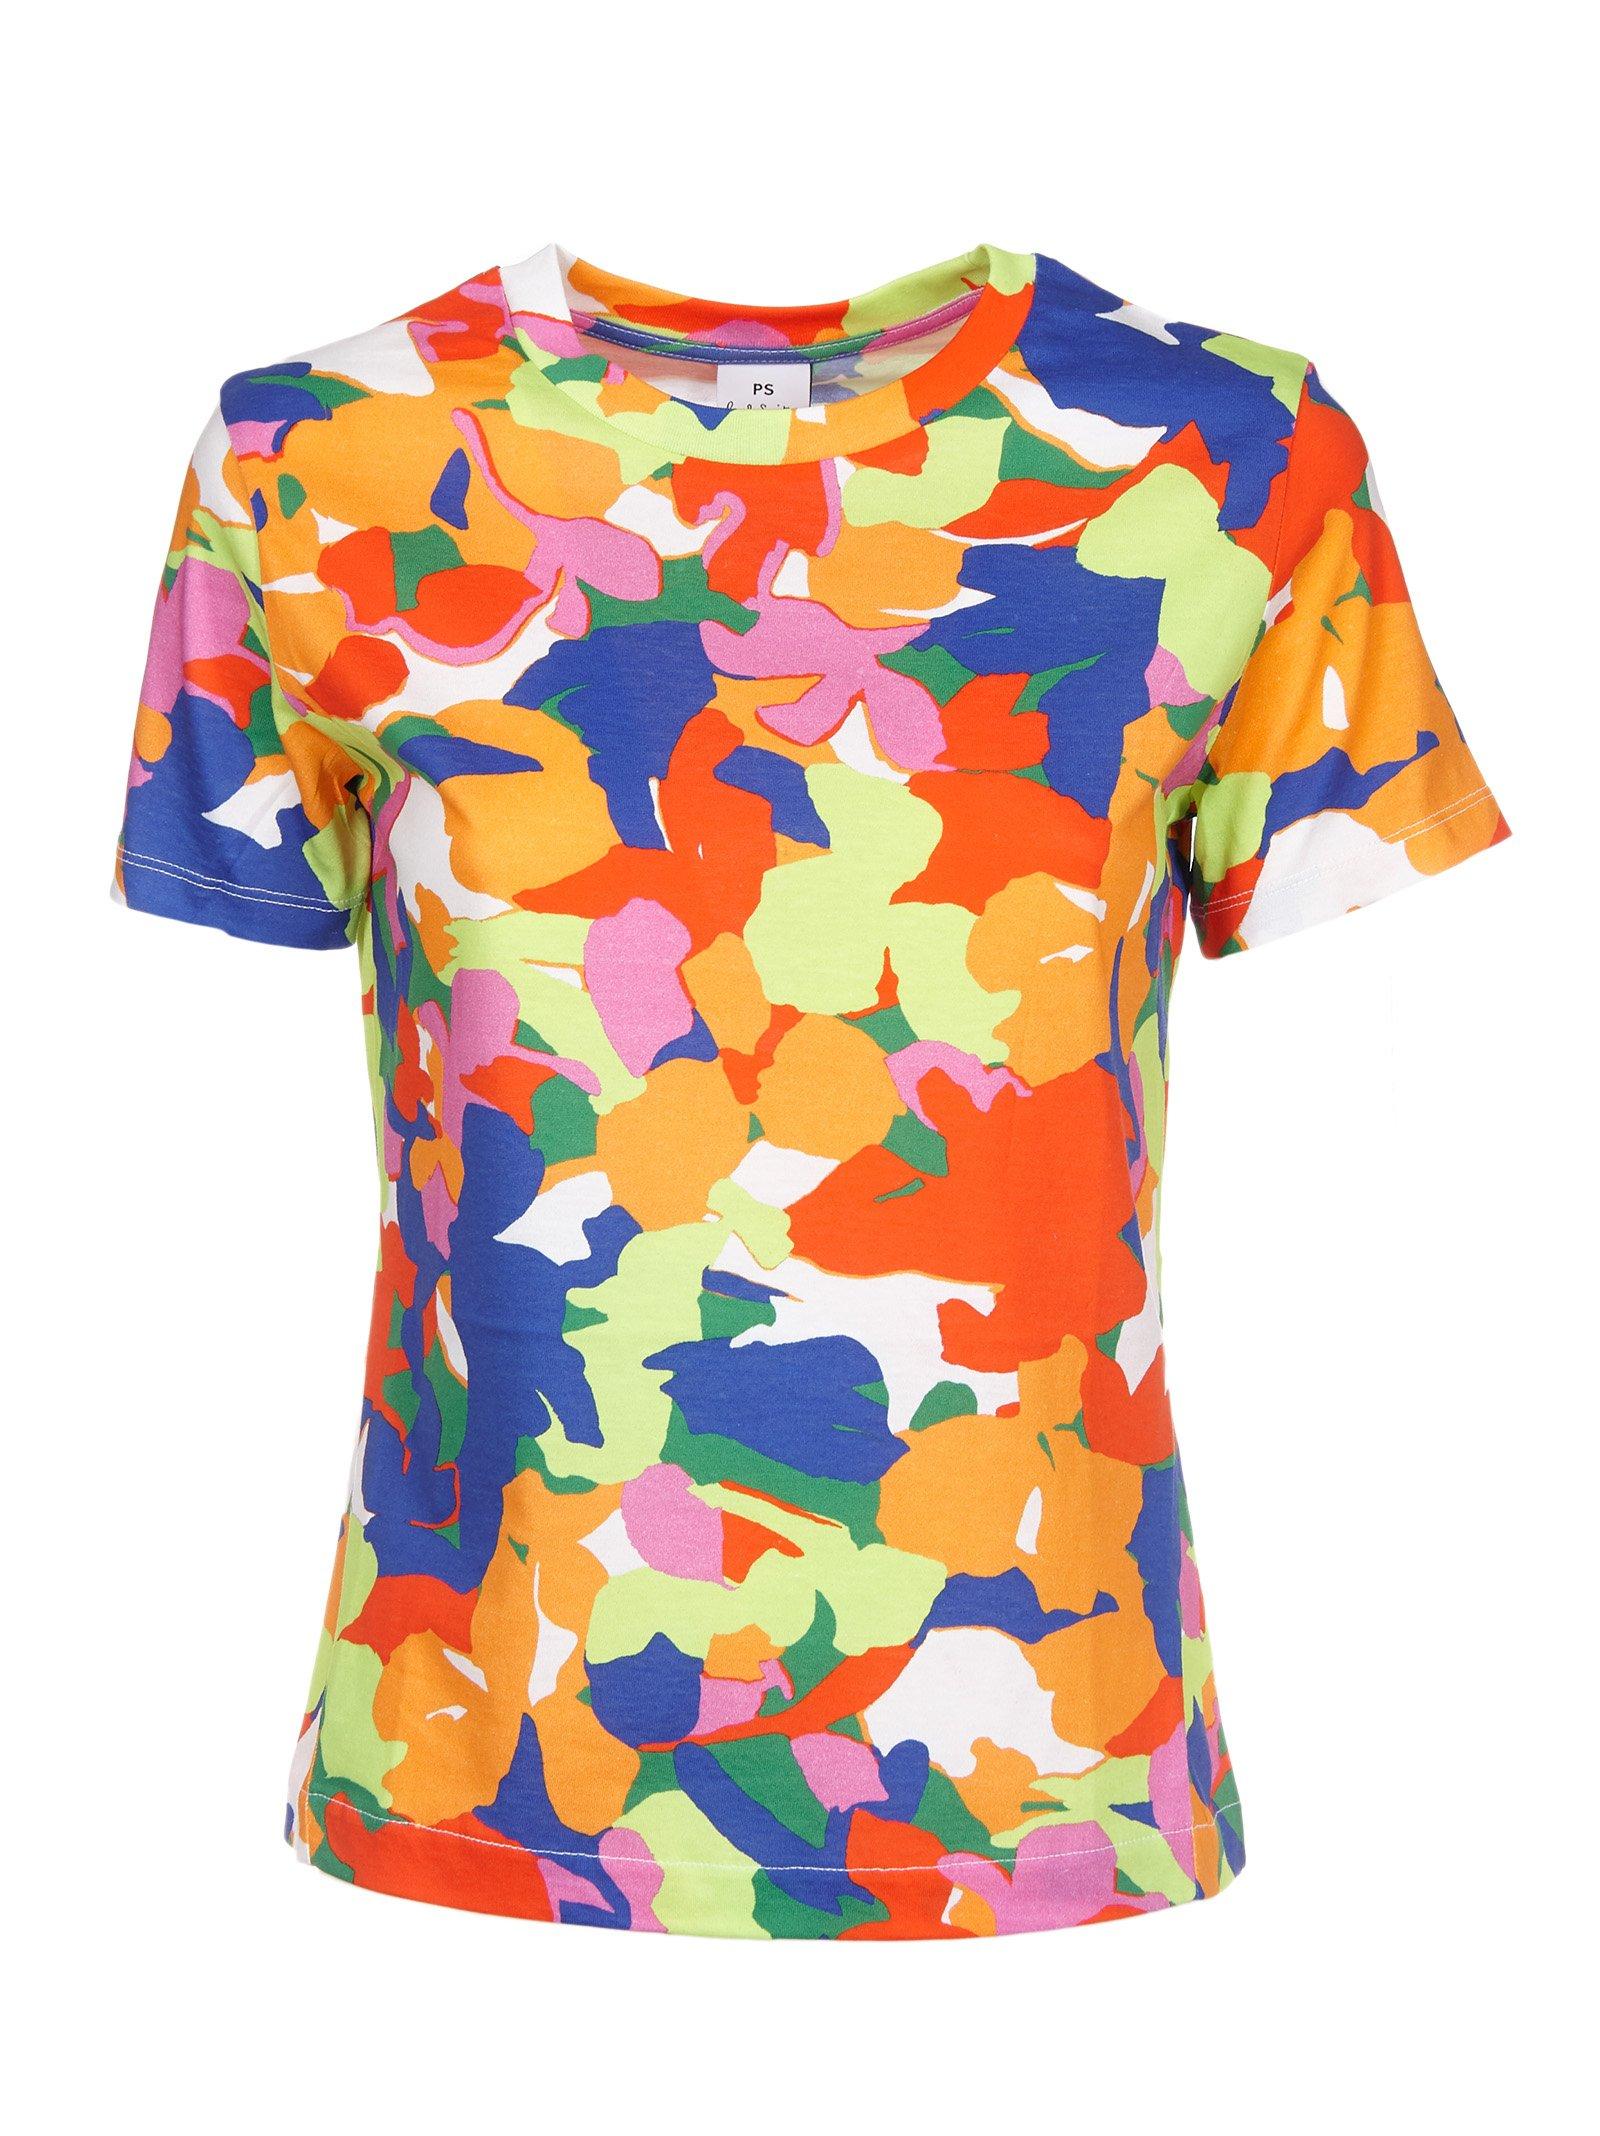 Paul Smith Women's Puxp079vp000392 Multicolor Cotton T-Shirt